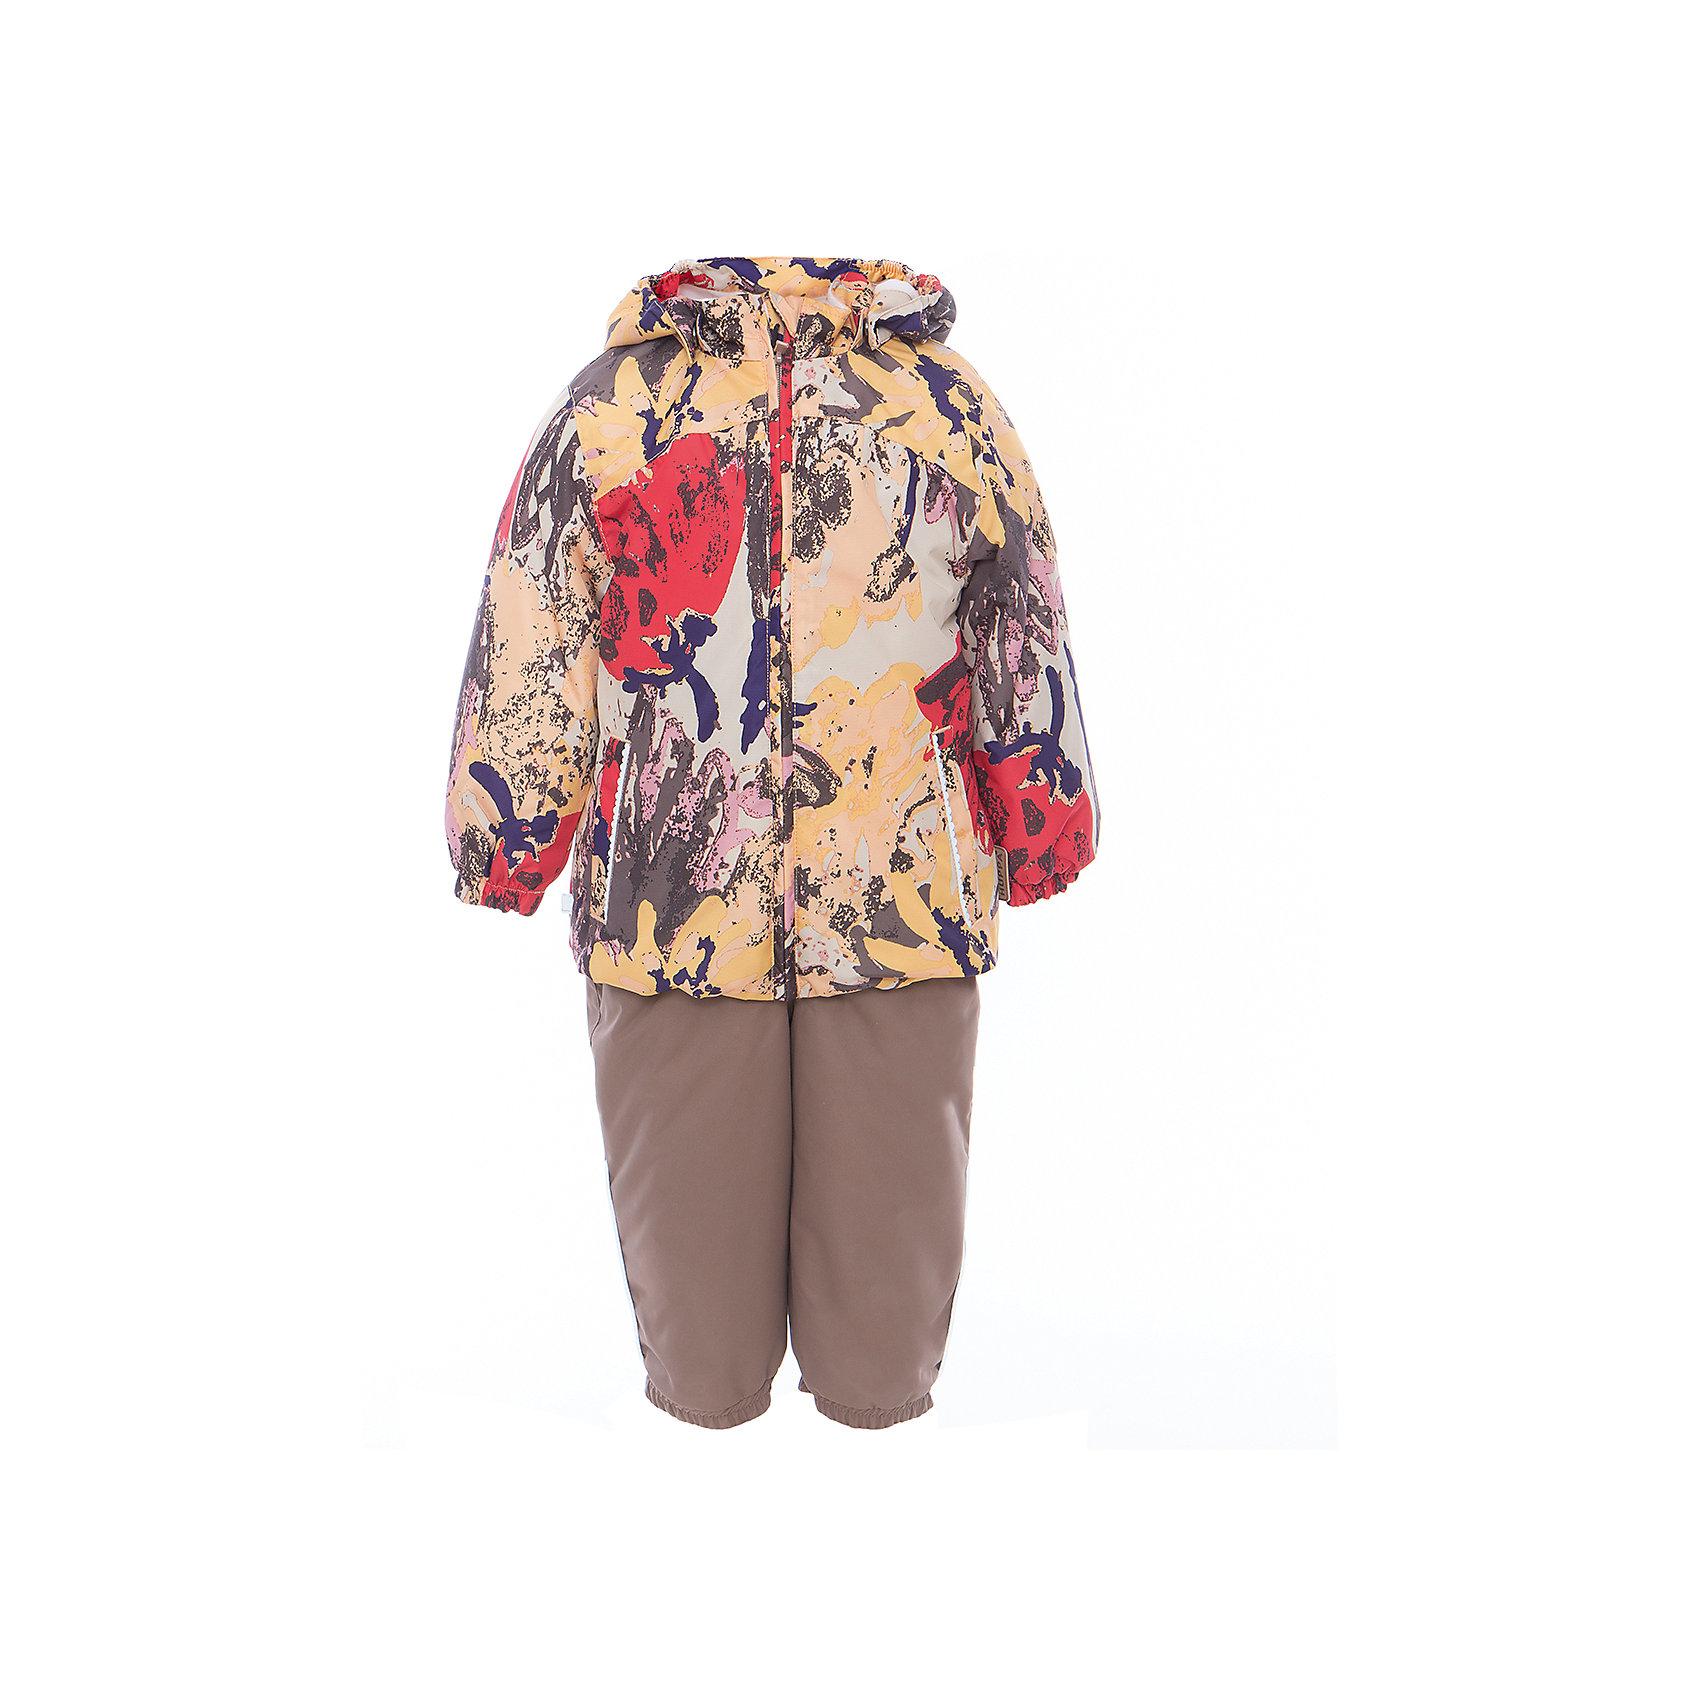 Комплект: куртка и полукомбинезон для девочки CLARA HuppaВерхняя одежда<br>Характеристики товара:<br><br>• цвет: золотой принт/бежевый<br>• комплектация: куртка и полукомбинезон <br>• ткань: 100% полиэстер<br>• подкладка: Coral-fleece смесь хлопка и полиэстера, в рукавах - тафта 100% полиэстер<br>• утеплитель: 100% полиэстер; куртка 100 г, полукомбинезон 40 г<br>• температурный режим: от -5°С до +10°С<br>• водонепроницаемость: верх - 5000 мм, низ - 10000 мм<br>• воздухопроницаемость: верх - 5000 мм, низ - 10000 мм<br>• светоотражающие детали<br>• шов сидения проклеен<br>• съёмный капюшон с резинкой<br>• эластичные манжеты на рукавах<br>• манжеты брюк с резинкой<br>• съёмные эластичные штрипки<br>• без внутренних швов<br>• резиновые подтяжки<br>• коллекция: весна-лето 2017<br>• страна бренда: Эстония<br><br>Такой модный демисезонный комплект  обеспечит детям тепло и комфорт. Он сделан из материала, отталкивающего воду, и дополнен подкладкой с утеплителем, поэтому изделие идеально подходит для межсезонья. Материал изделий - с мембранной технологией: защищая от влаги и ветра, он легко выводит лишнюю влагу наружу. Комплект очень симпатично смотрится. <br><br>Одежда и обувь от популярного эстонского бренда Huppa - отличный вариант одеть ребенка можно и комфортно. Вещи, выпускаемые компанией, качественные, продуманные и очень удобные. Для производства изделий используются только безопасные для детей материалы. Продукция от Huppa порадует и детей, и их родителей!<br><br>Комплект: куртка и полукомбинезон CLARA от бренда Huppa (Хуппа) можно купить в нашем интернет-магазине.<br><br>Ширина мм: 356<br>Глубина мм: 10<br>Высота мм: 245<br>Вес г: 519<br>Цвет: желтый<br>Возраст от месяцев: 48<br>Возраст до месяцев: 60<br>Пол: Женский<br>Возраст: Детский<br>Размер: 110,80,86,92,98,104<br>SKU: 5346601